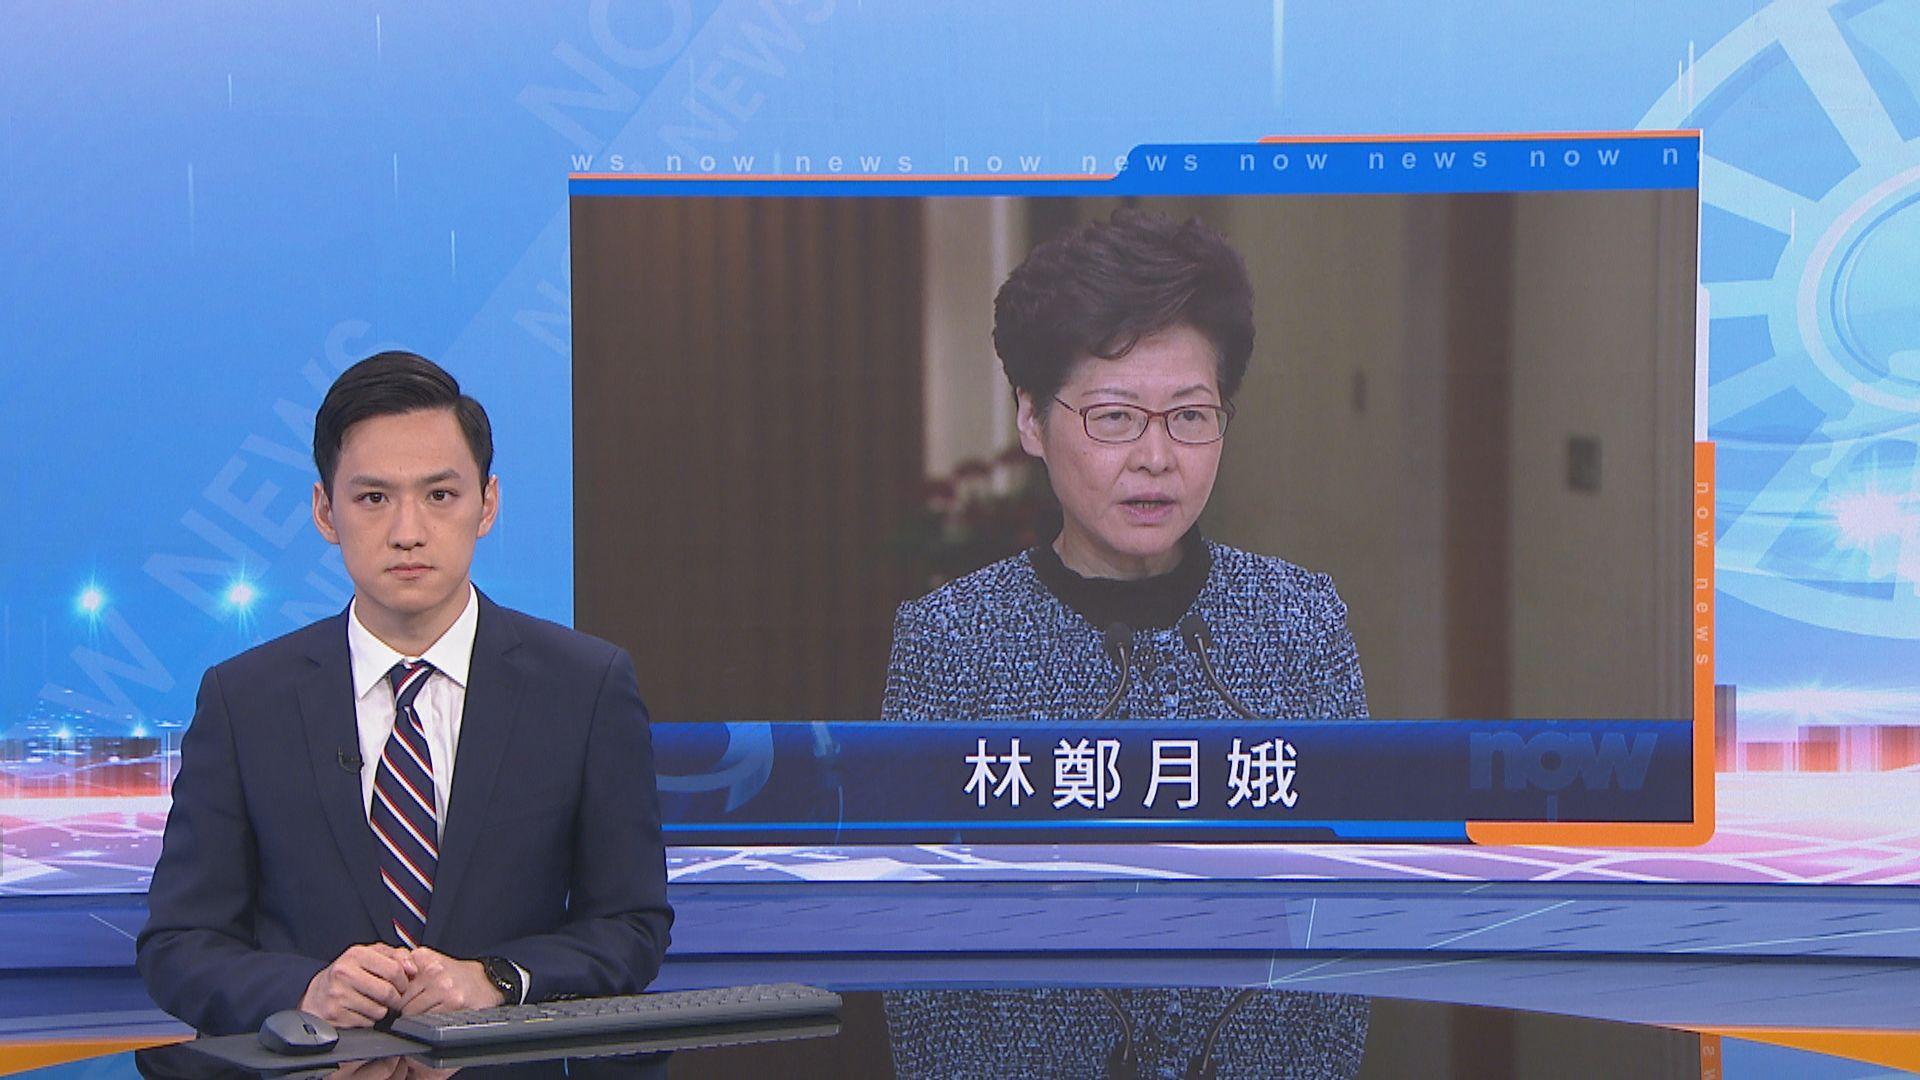 林鄭︰陳同佳案不涉政治操作